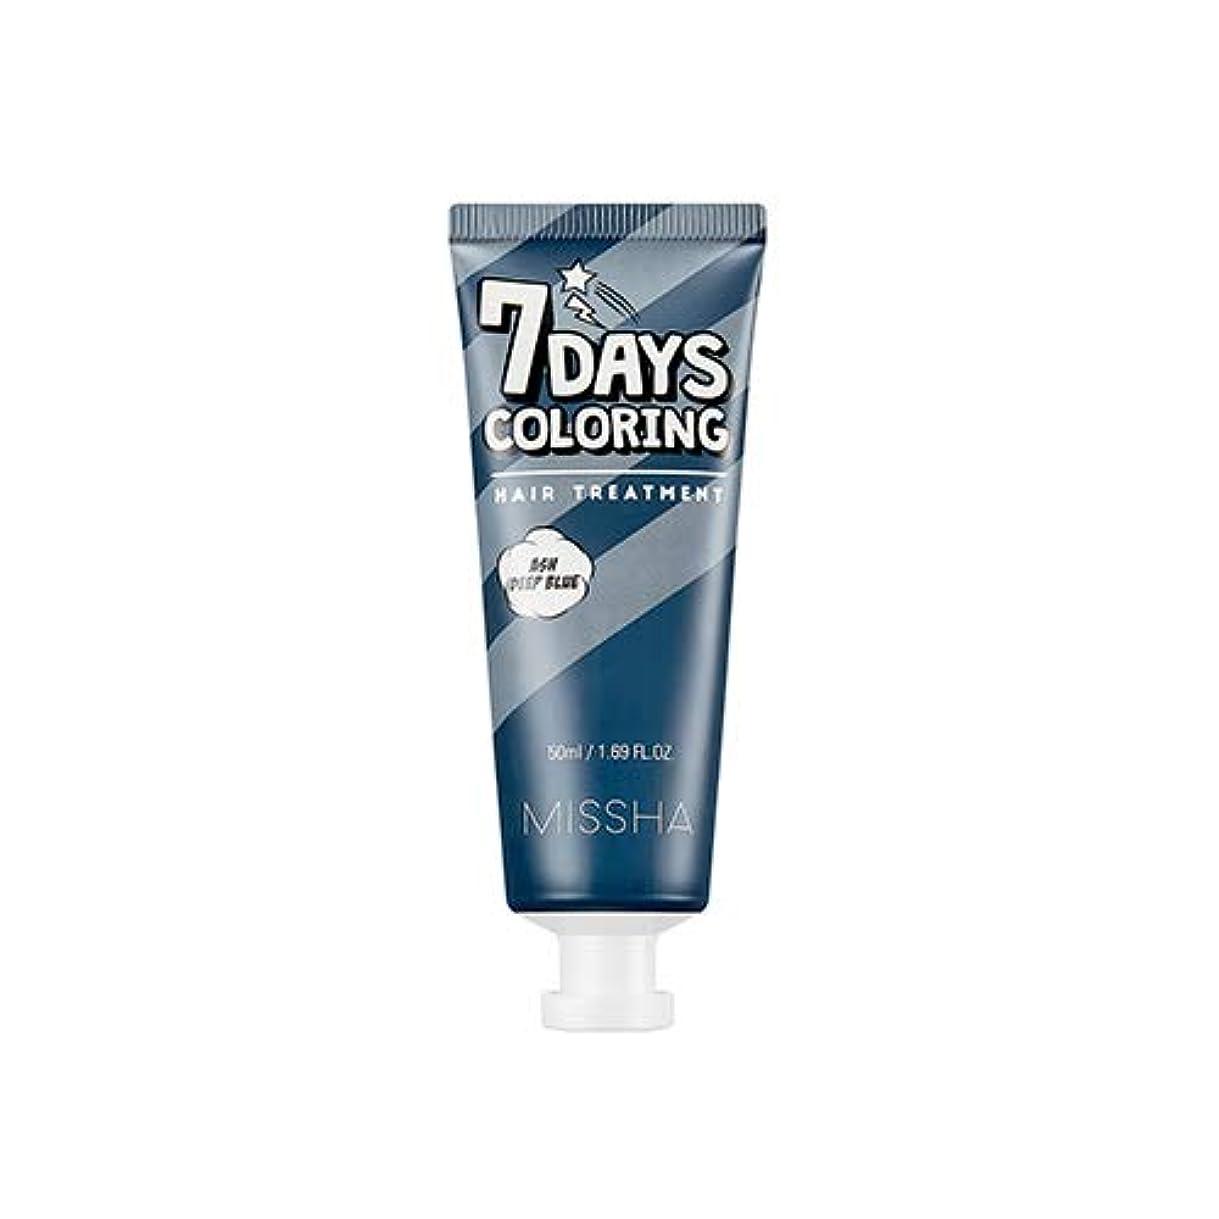 創傷ストレンジャー季節ミシャ セブンデイズカラーリングヘアトリートメント 50ml / MISSHA 7 Days Coloring Hair Treatment # Ash Deep Blue [並行輸入品]